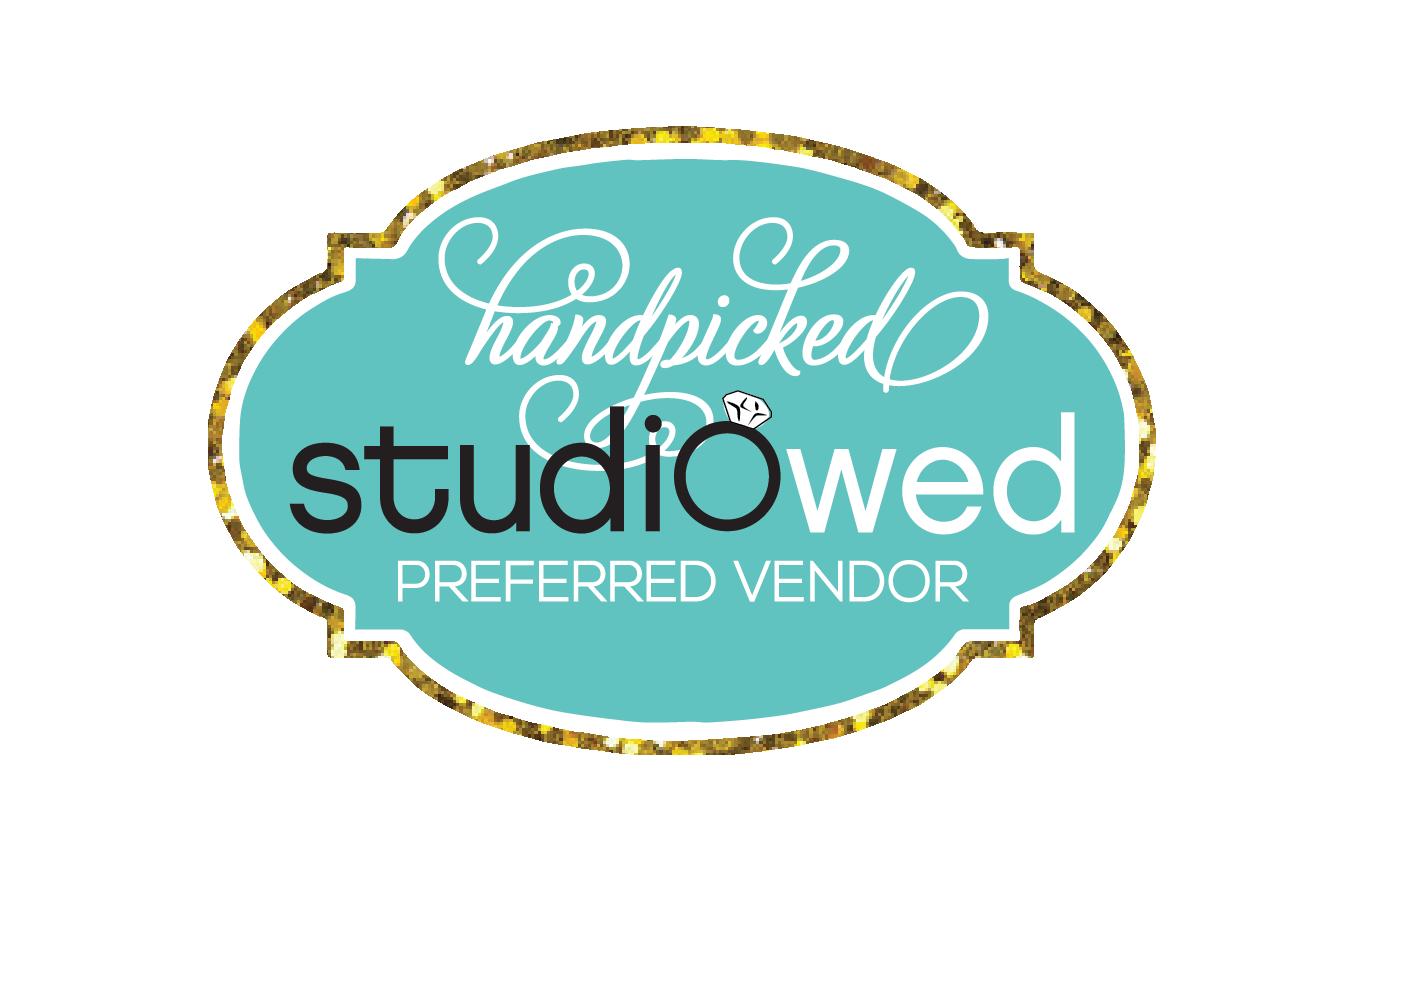 Studio Wed